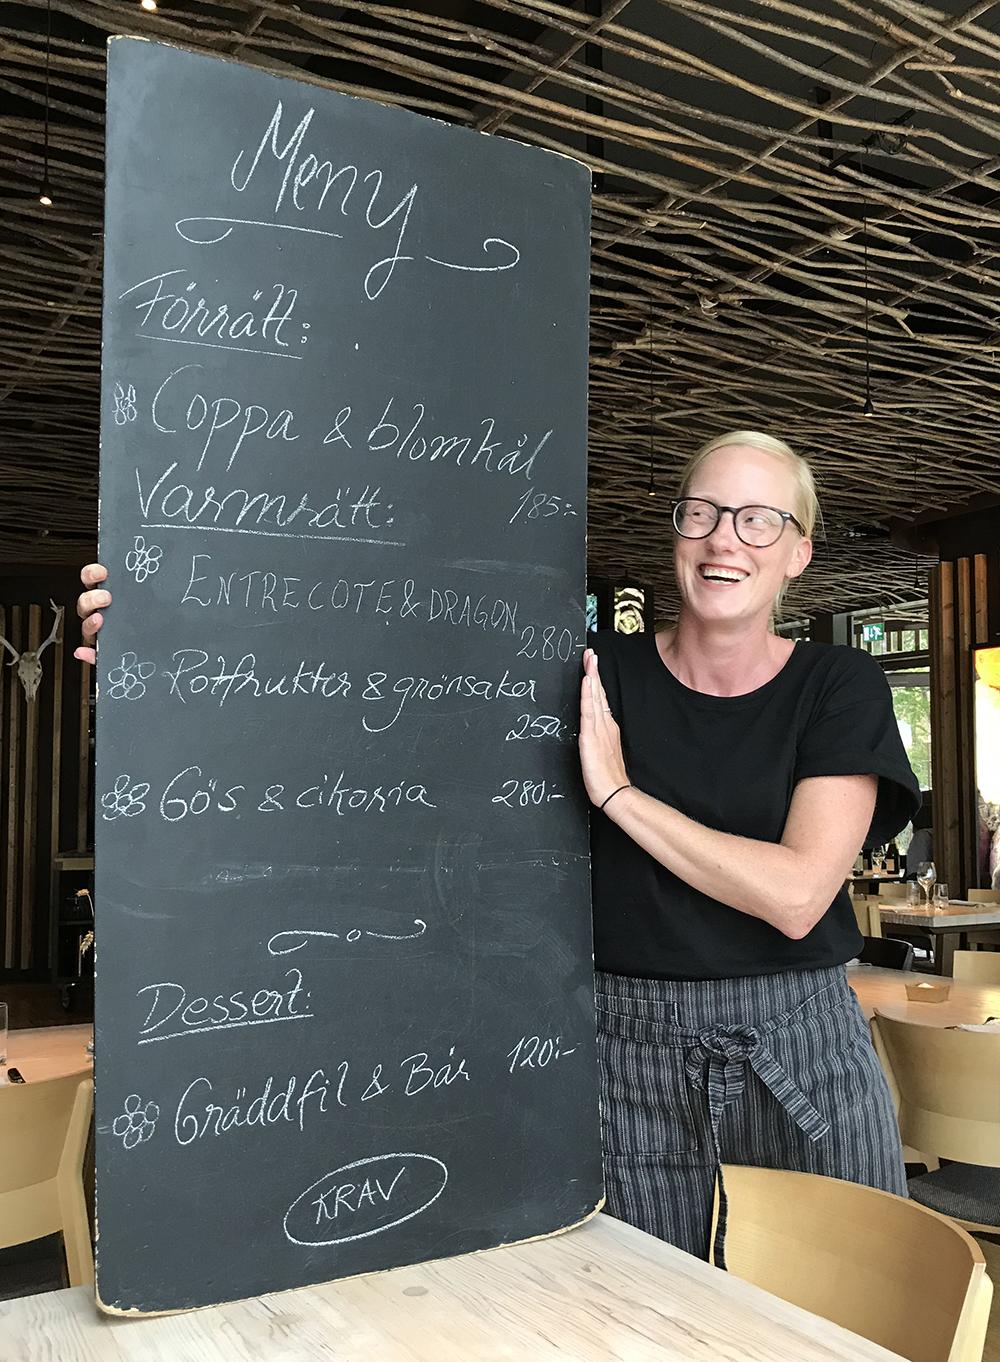 Hvita Hjorten - Sommelier Linda Trossvik